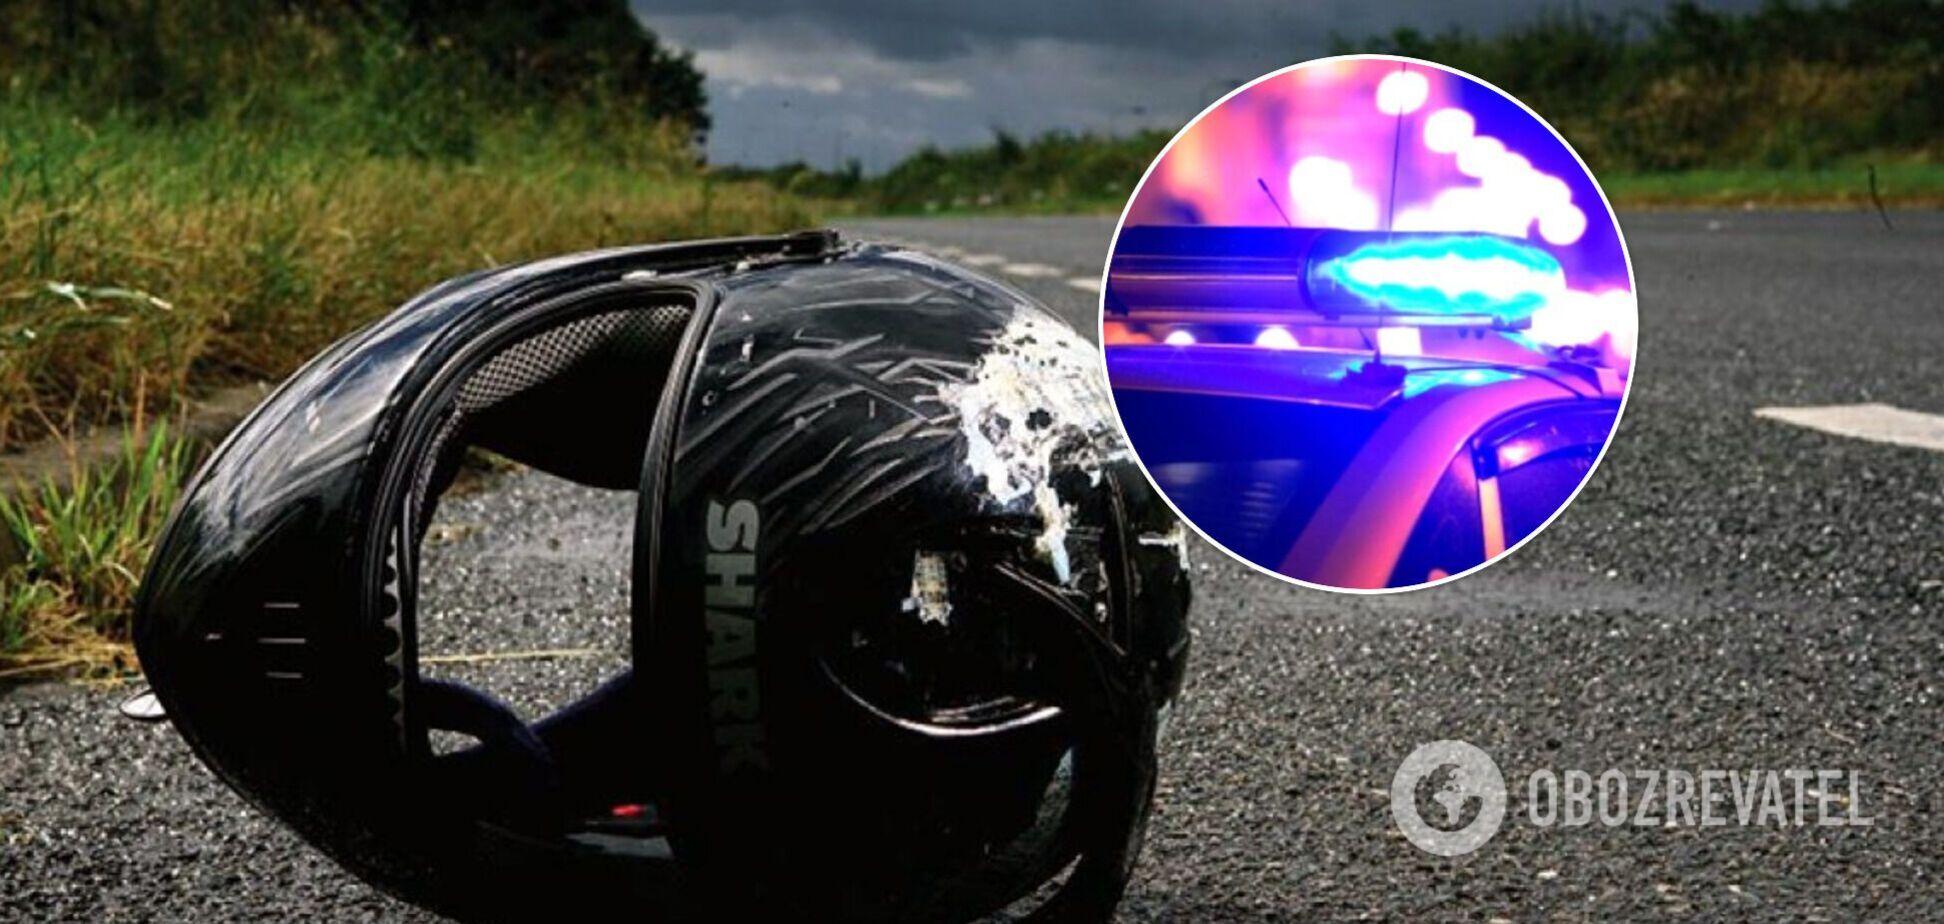 Мотоциклист был в состоянии алкогольного опьянения